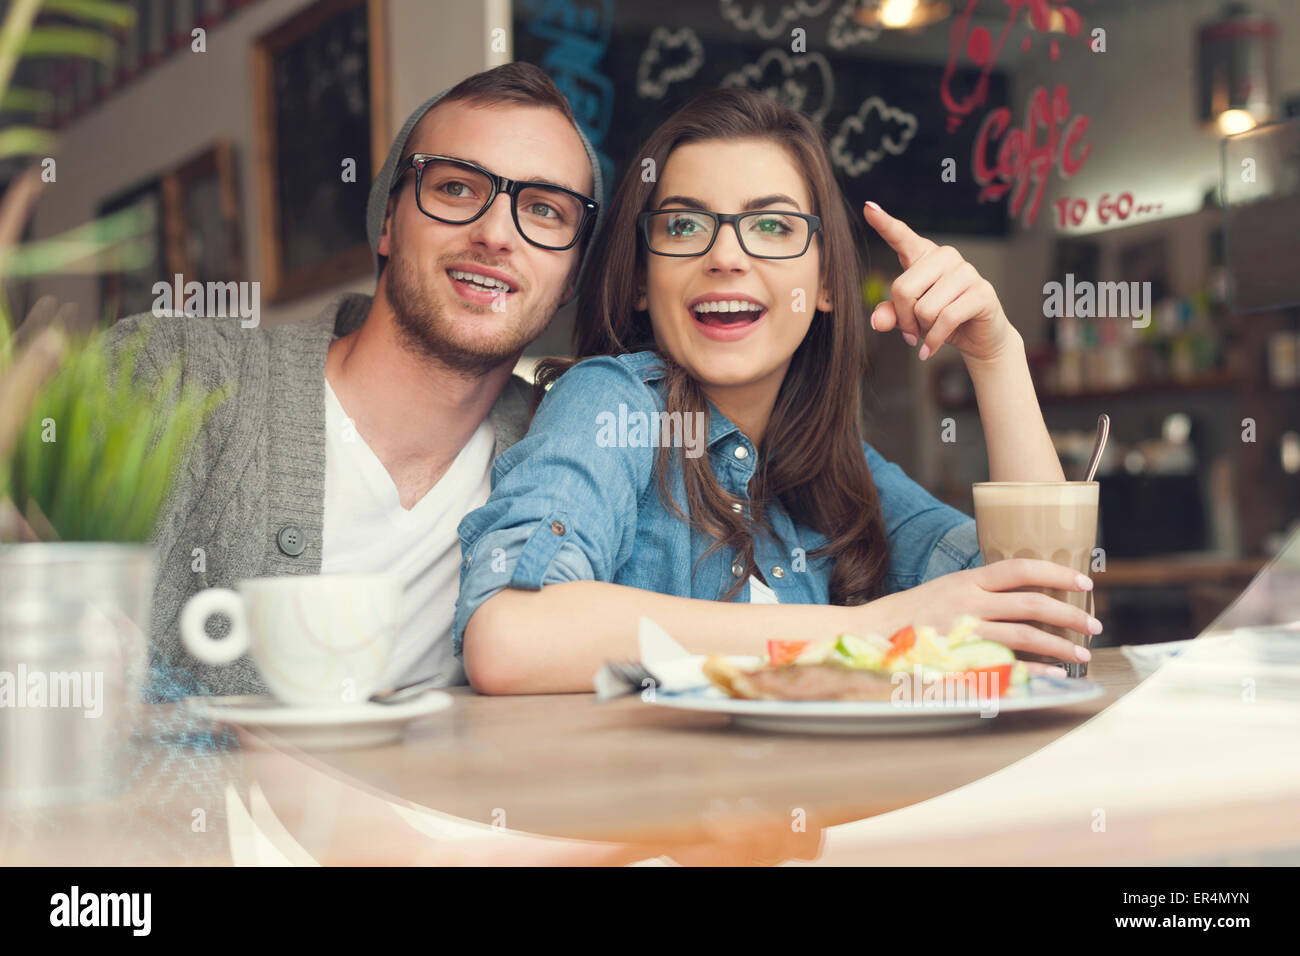 Coppia felice spendere tempo del pranzo insieme nel ristorante. Cracovia in Polonia Immagini Stock